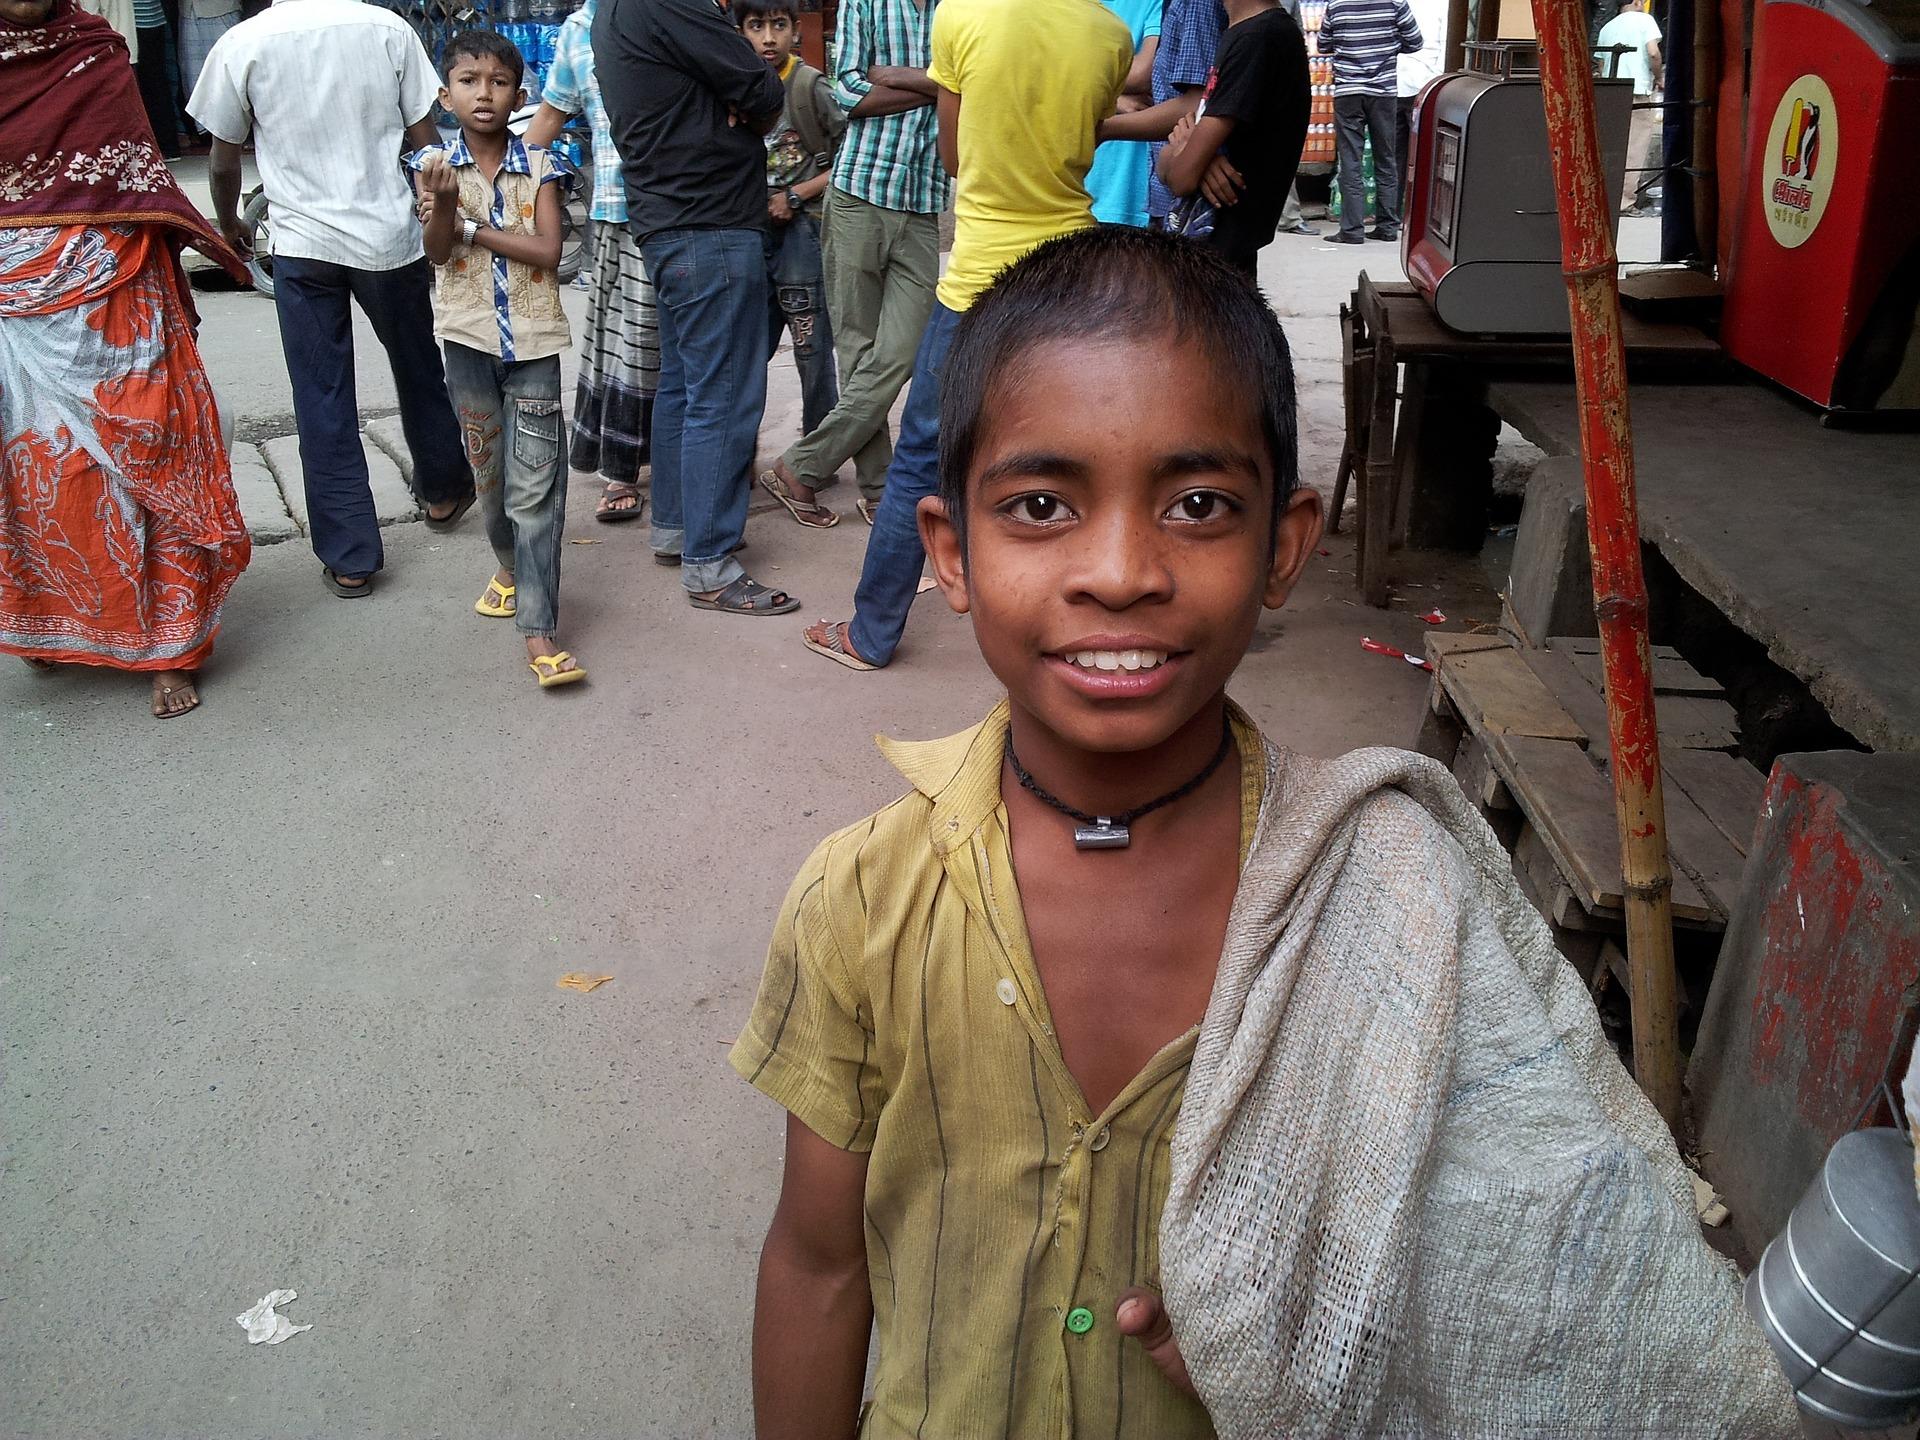 Strony kojarzące Bangladesz